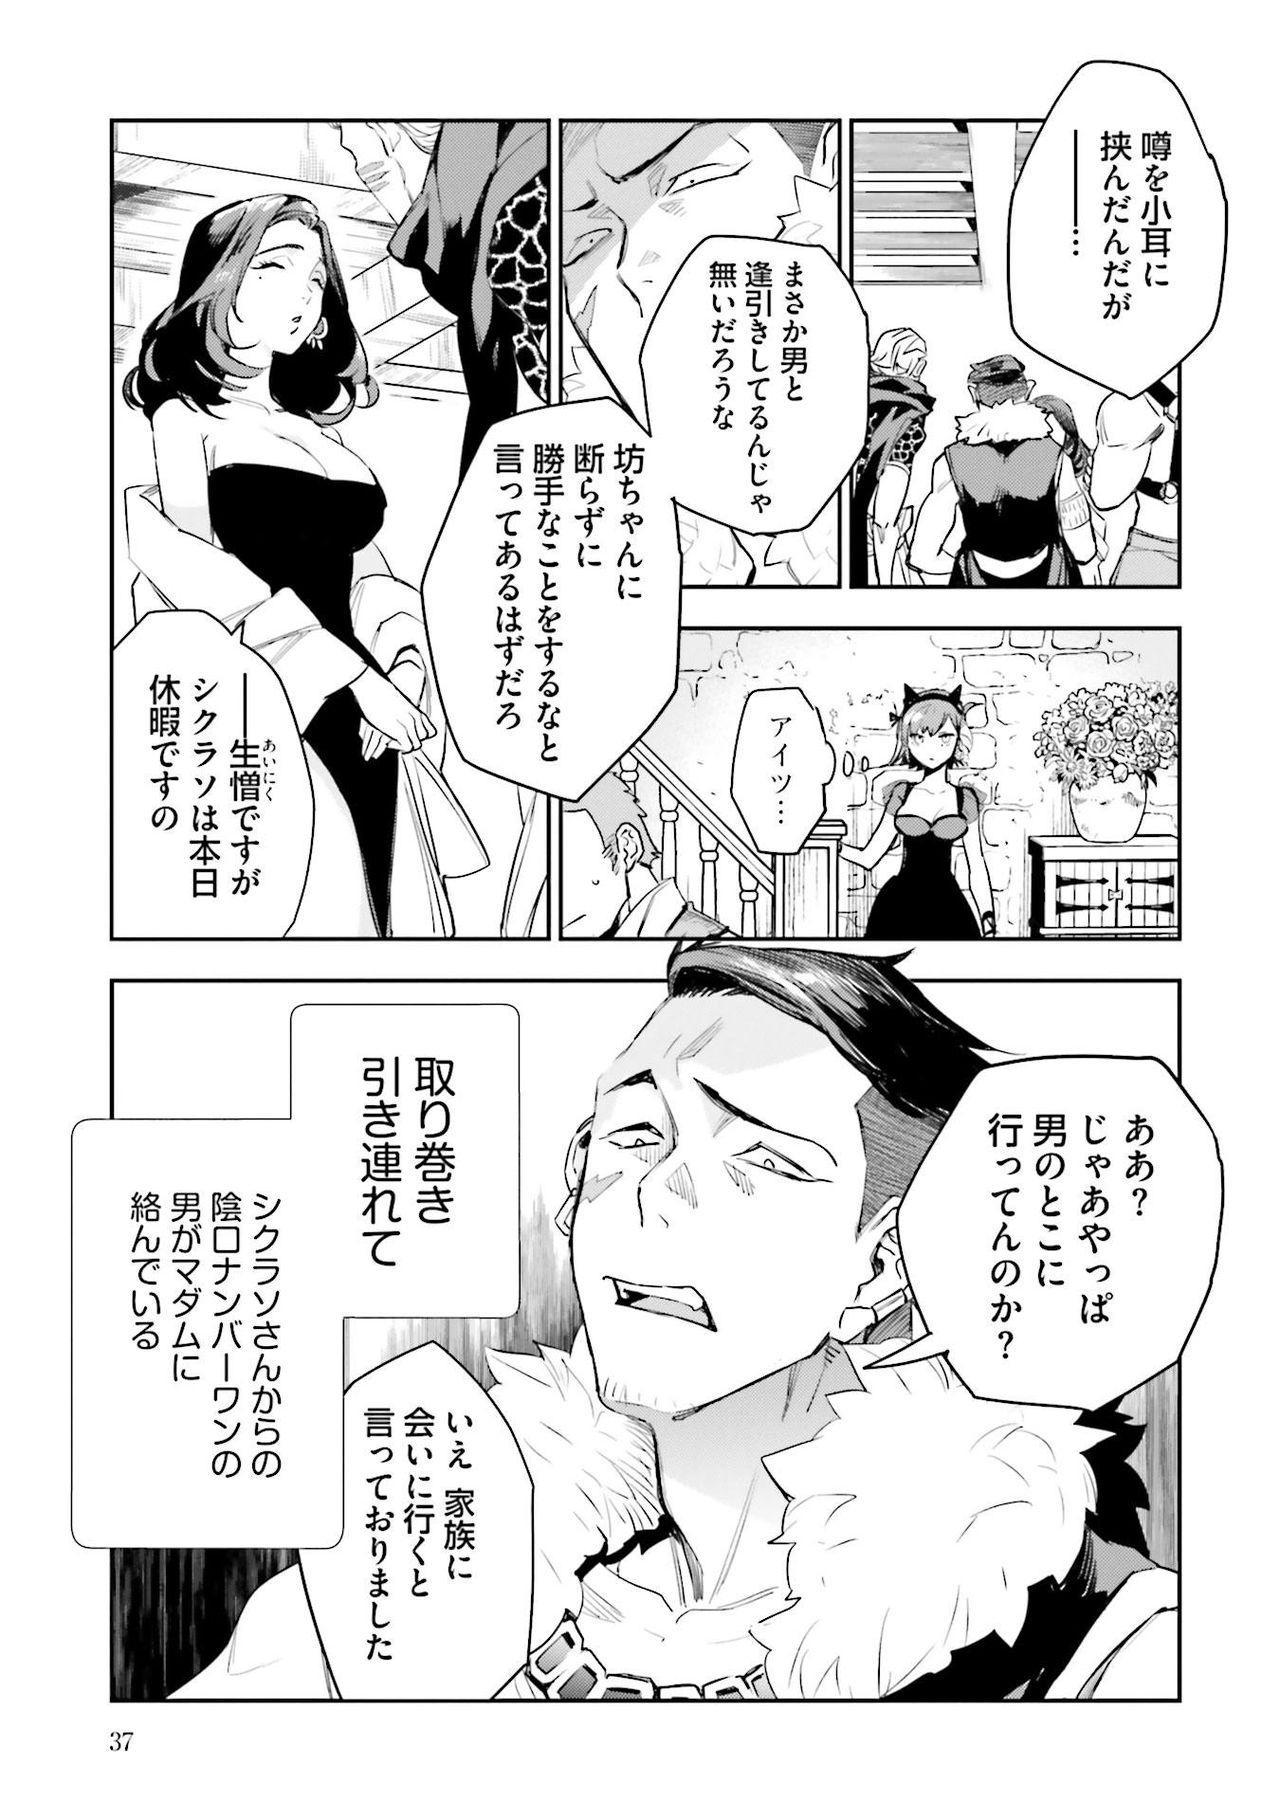 JK Haru wa Isekai de Shoufu ni Natta 1-14 225